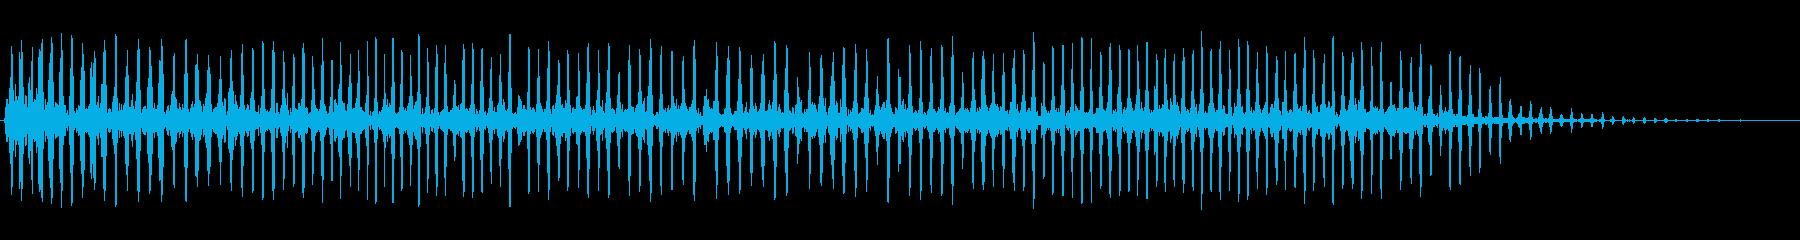 コミカル飛行音(長い音)の再生済みの波形